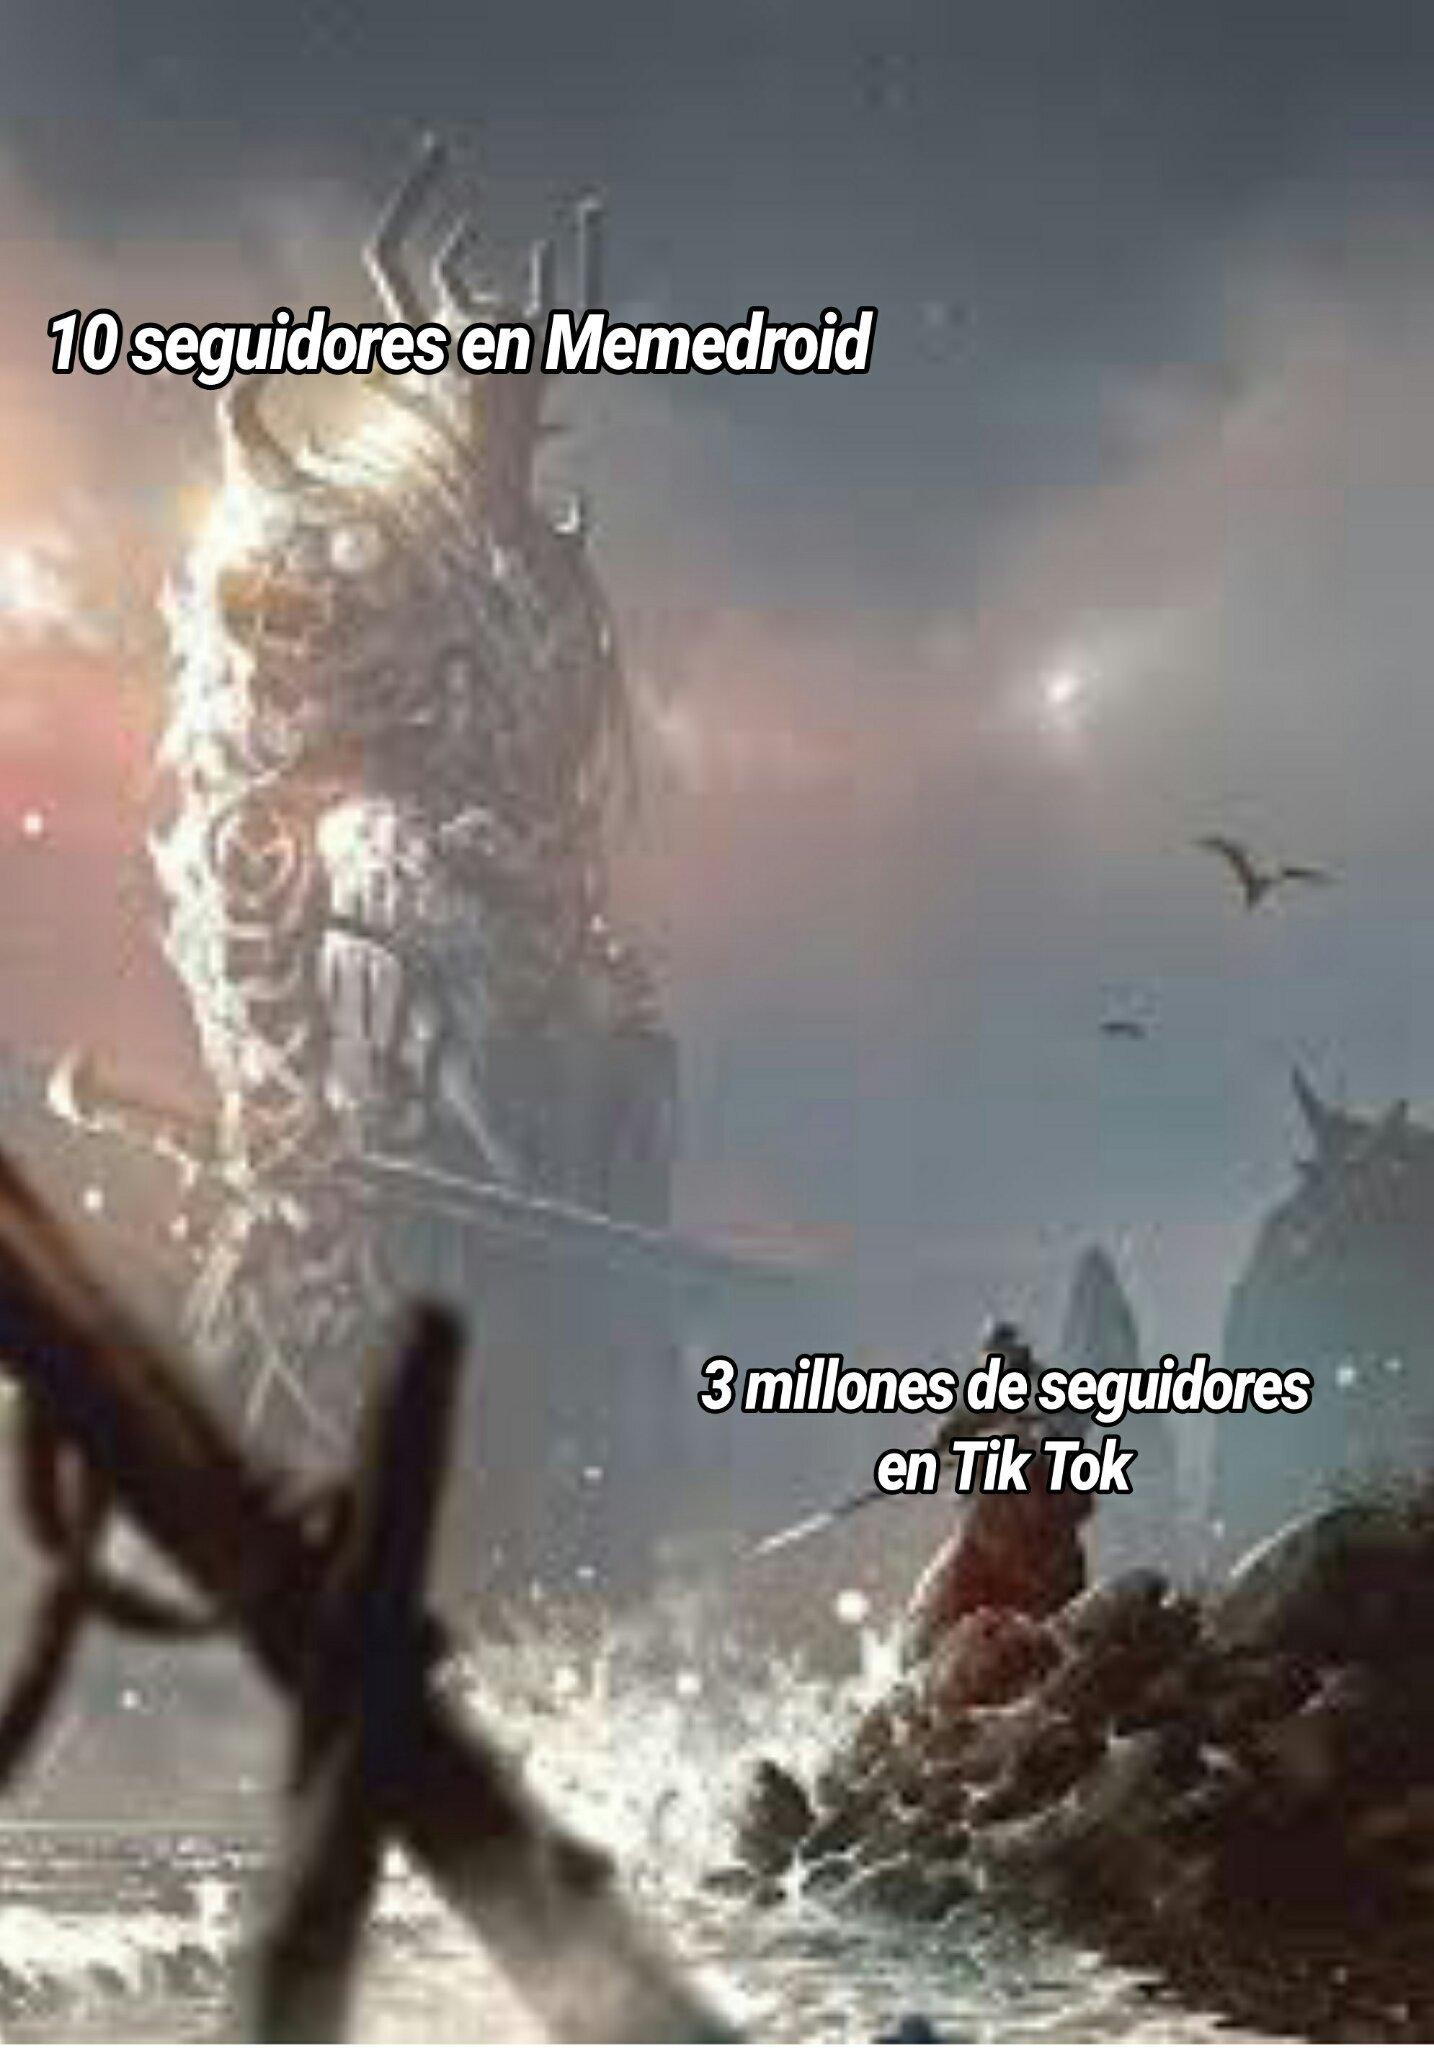 pichula - meme